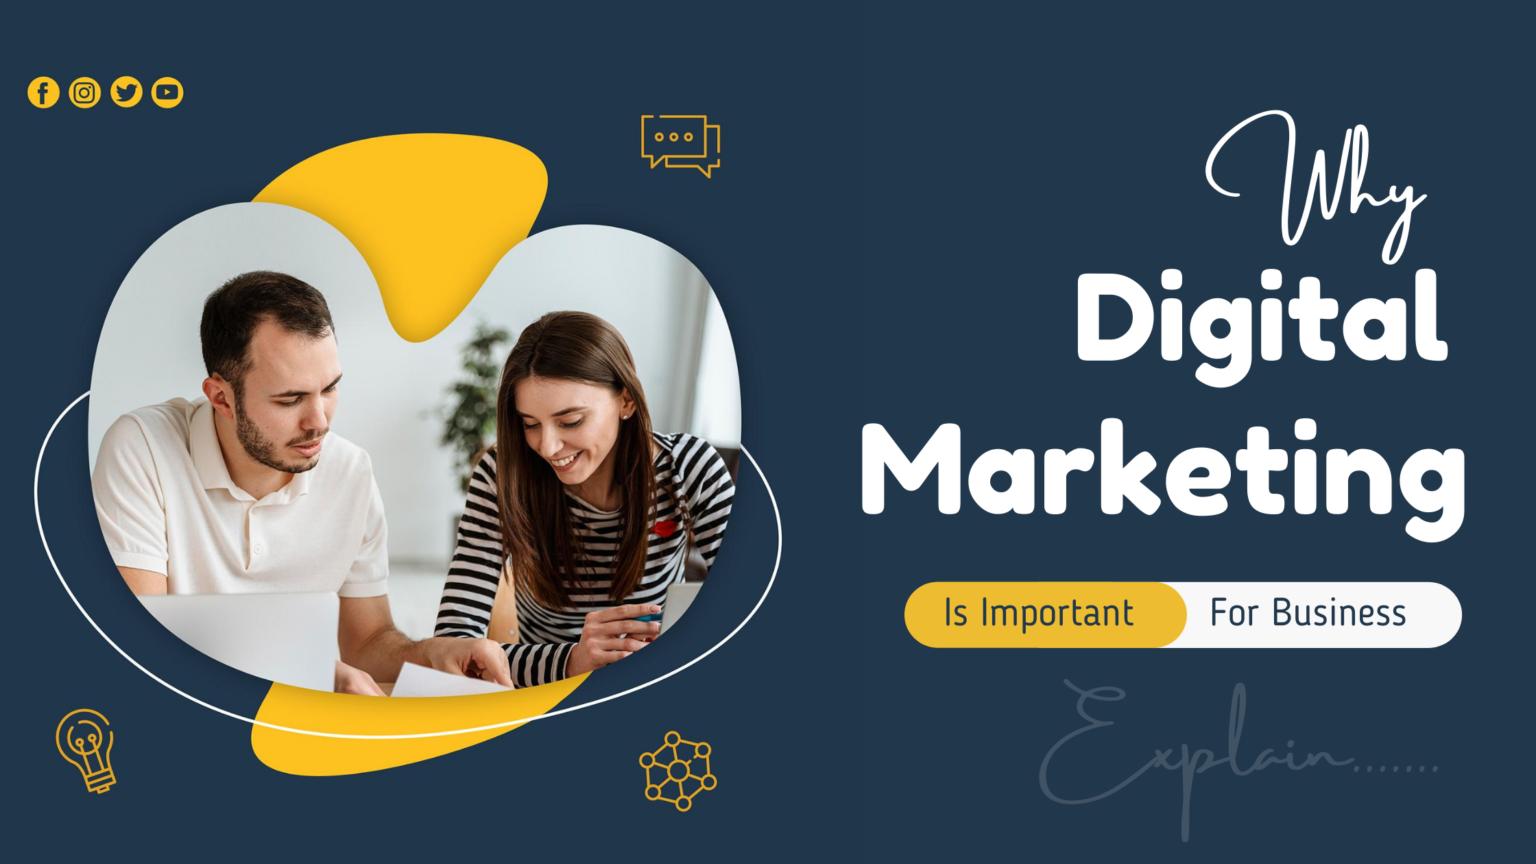 لماذا التسويق الرقمي مهم للأعمال (شرح كامل)